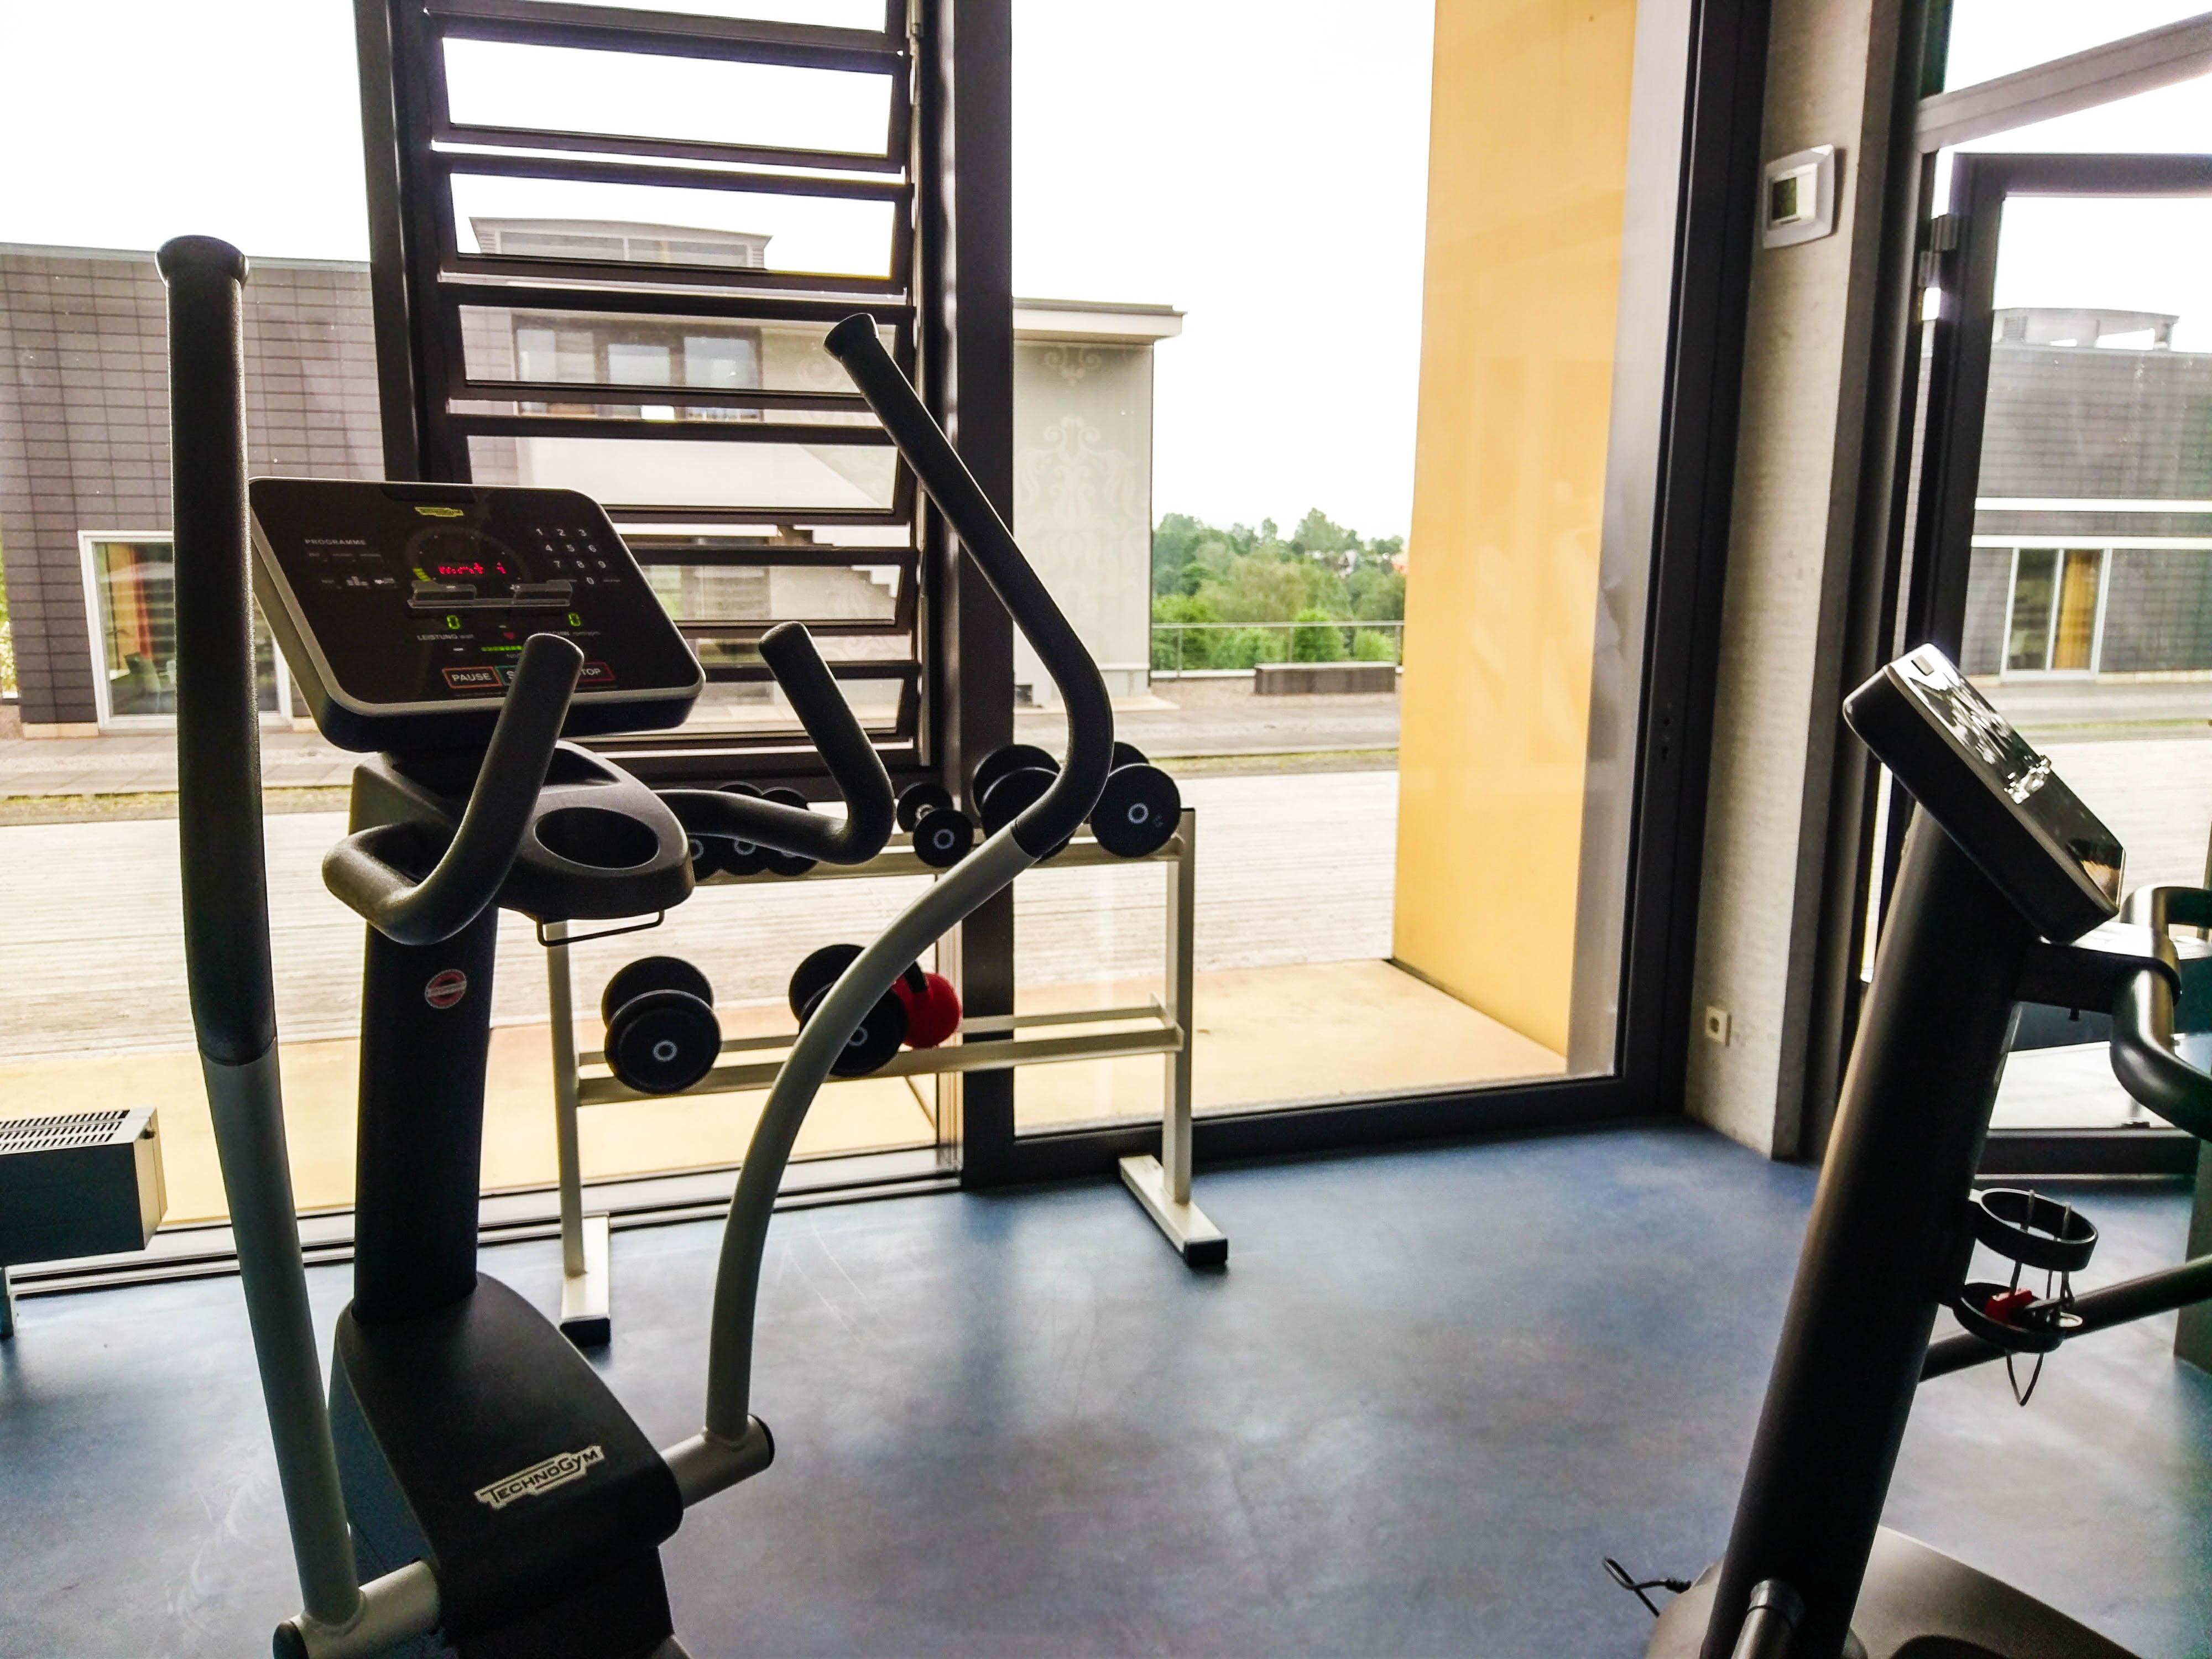 Fitnessraum mit verschiedenen Geräten